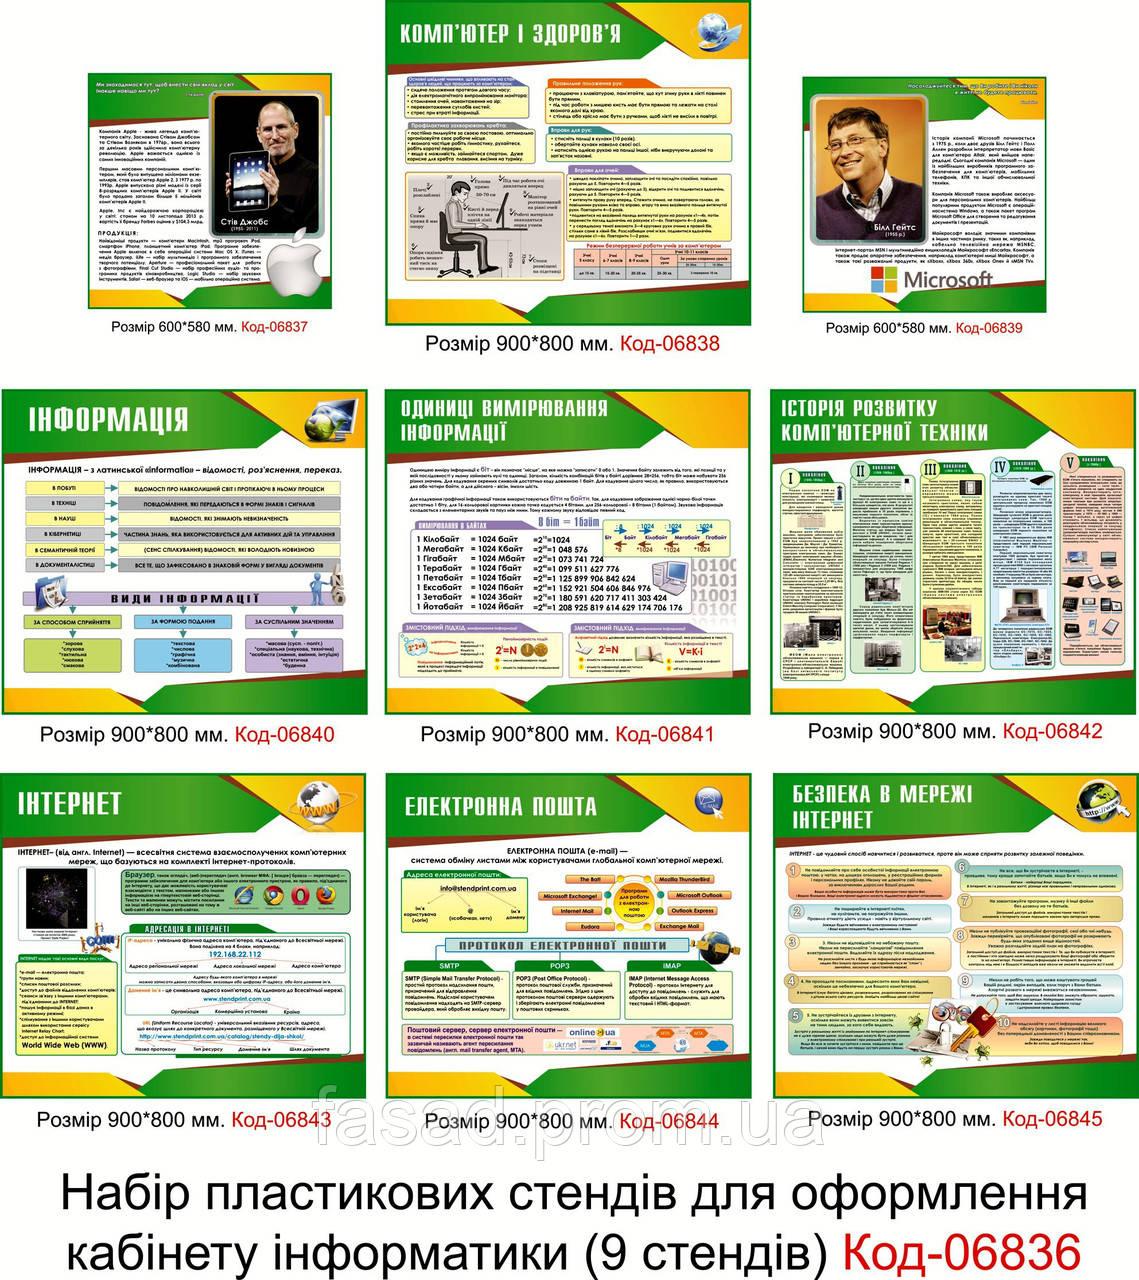 Cтенди для кабінету інформатики Код-06836